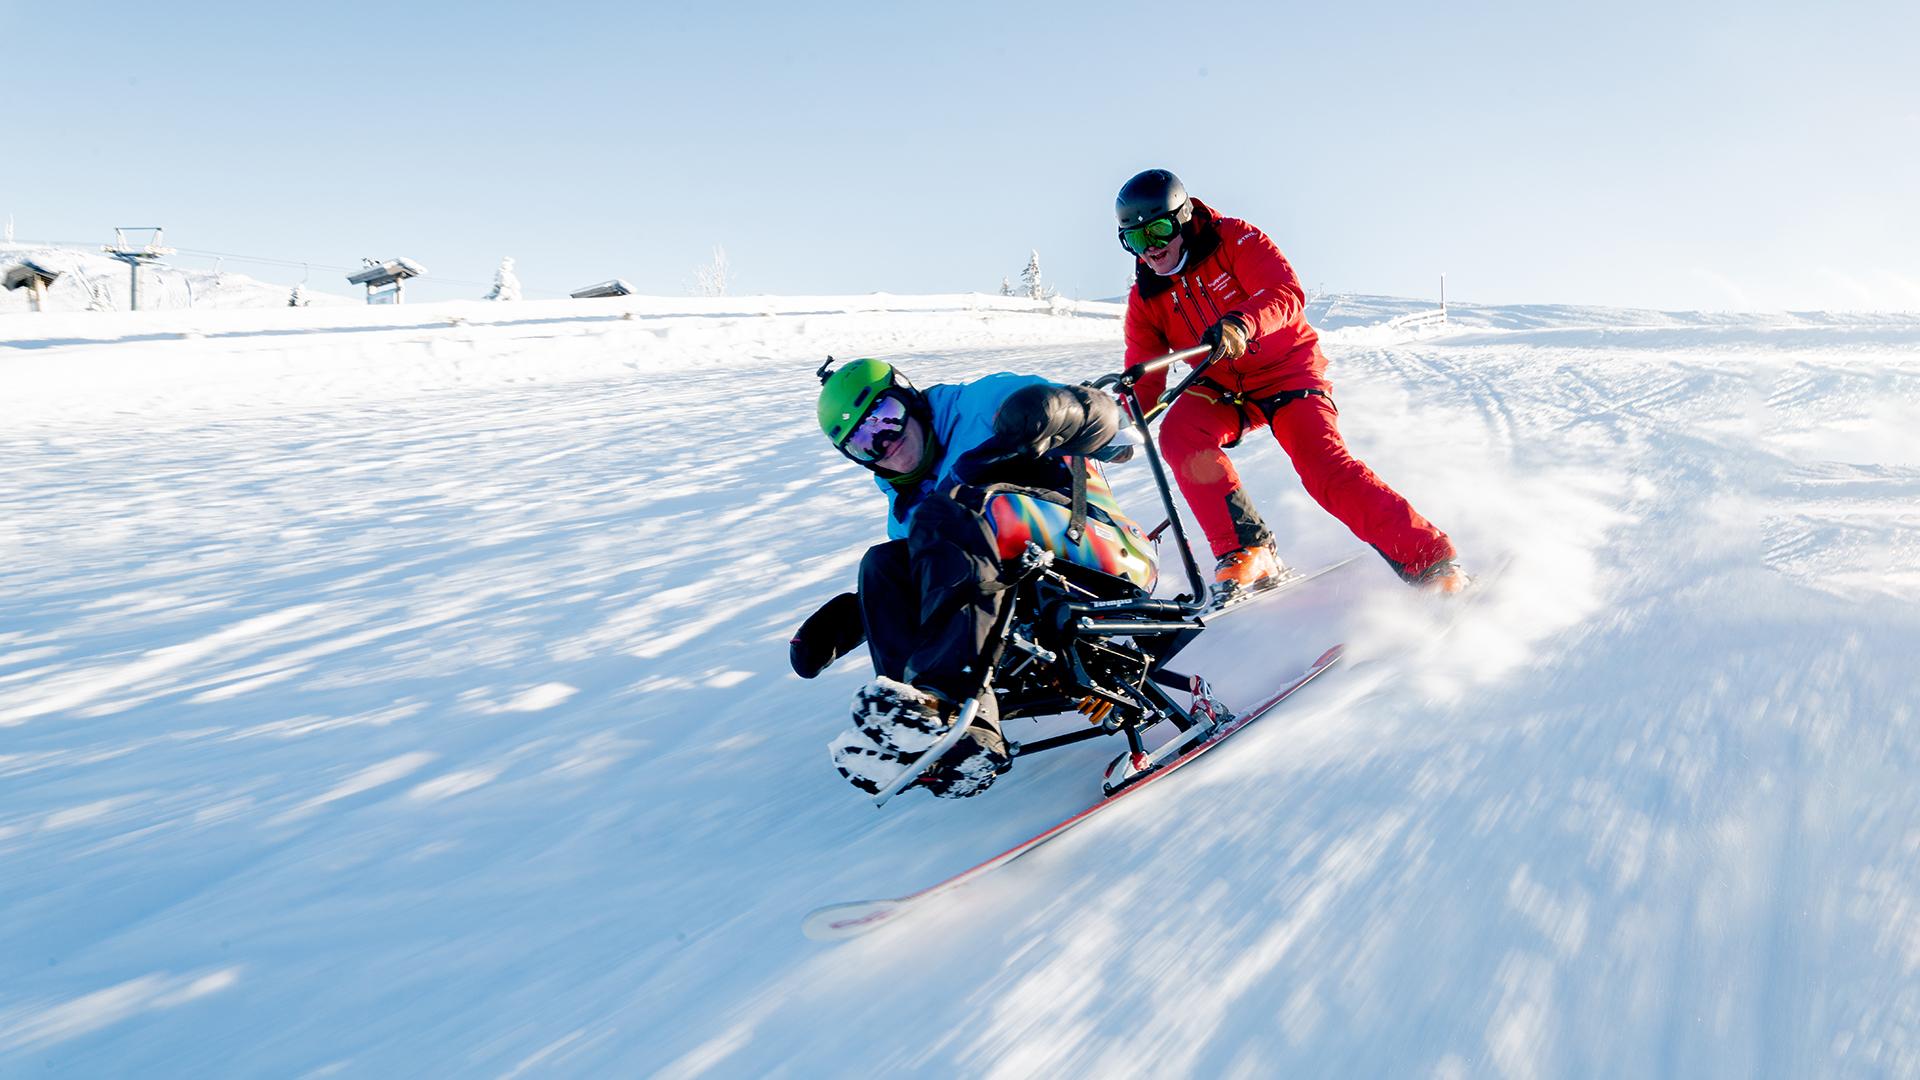 Funksjonell skikjøring